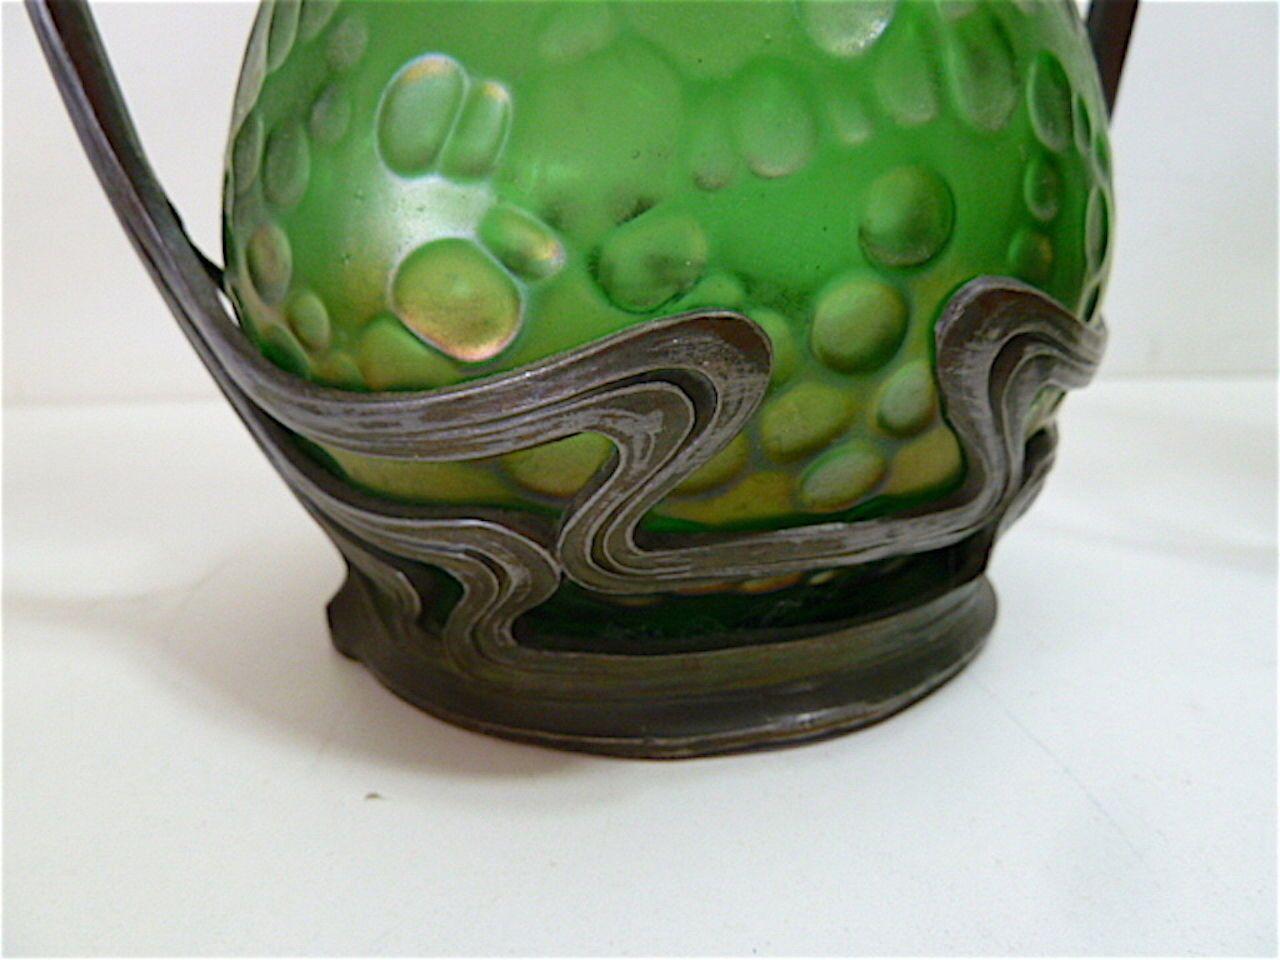 Paire vase Loetz  Art Nouveau 1900 Jugendstil  Ovirit 31 cm Bohème kralik verre | Céramiques, verres, Verre, cristal, Grands noms étrangers | eBay!